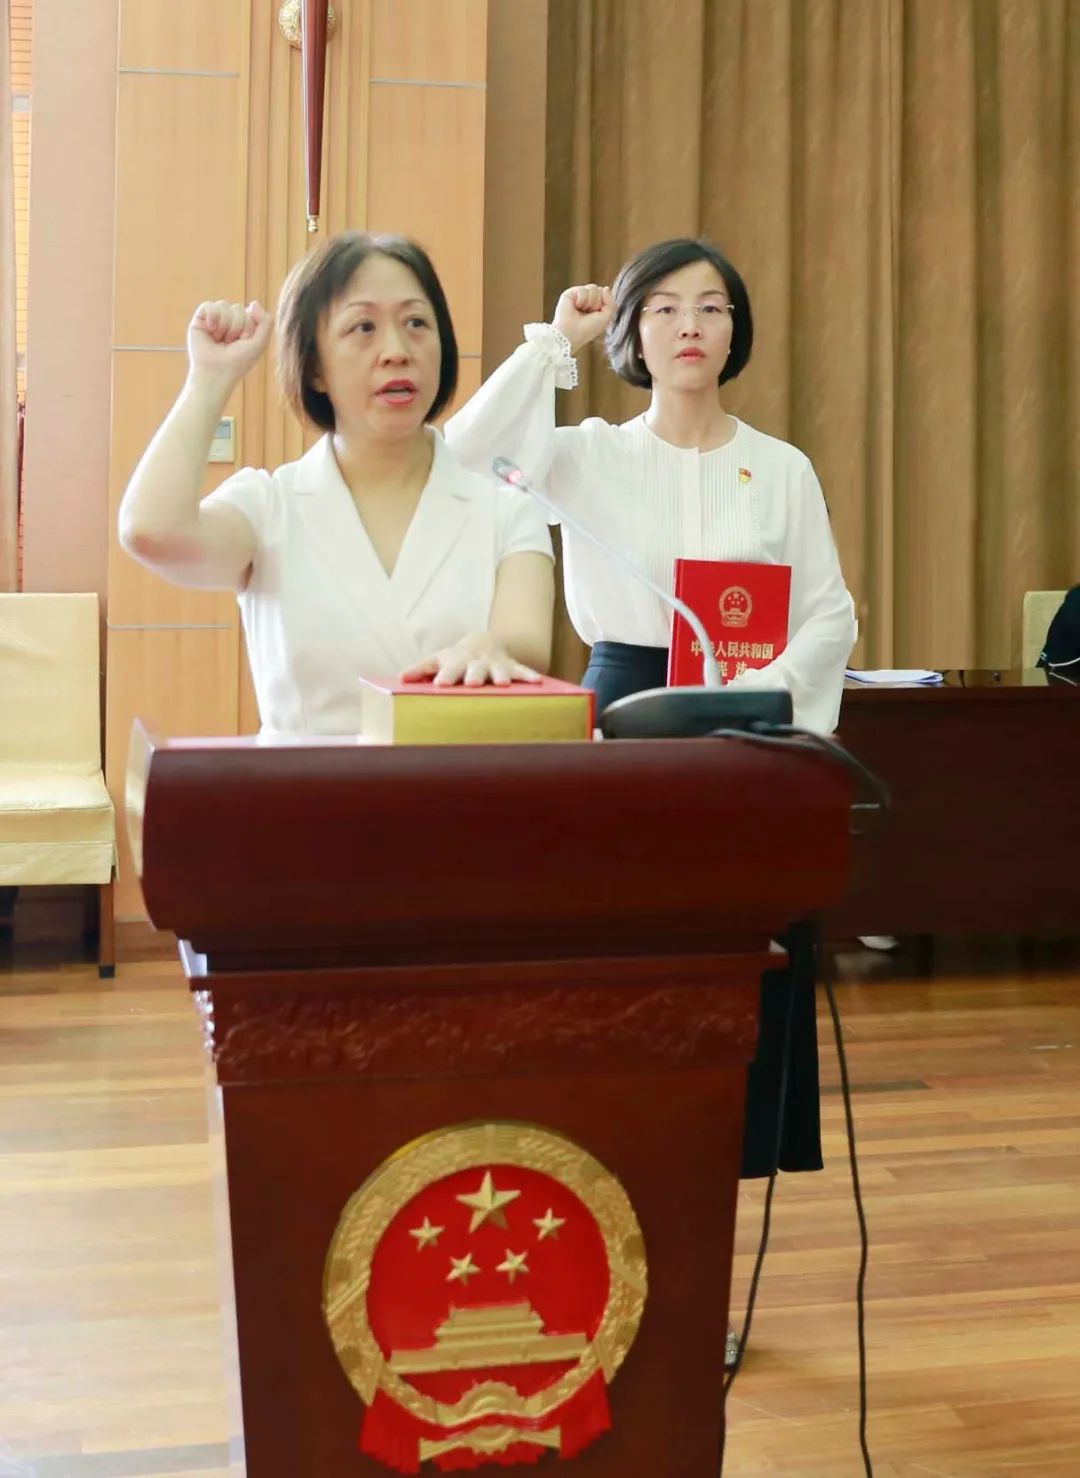 宪法宣誓仪式